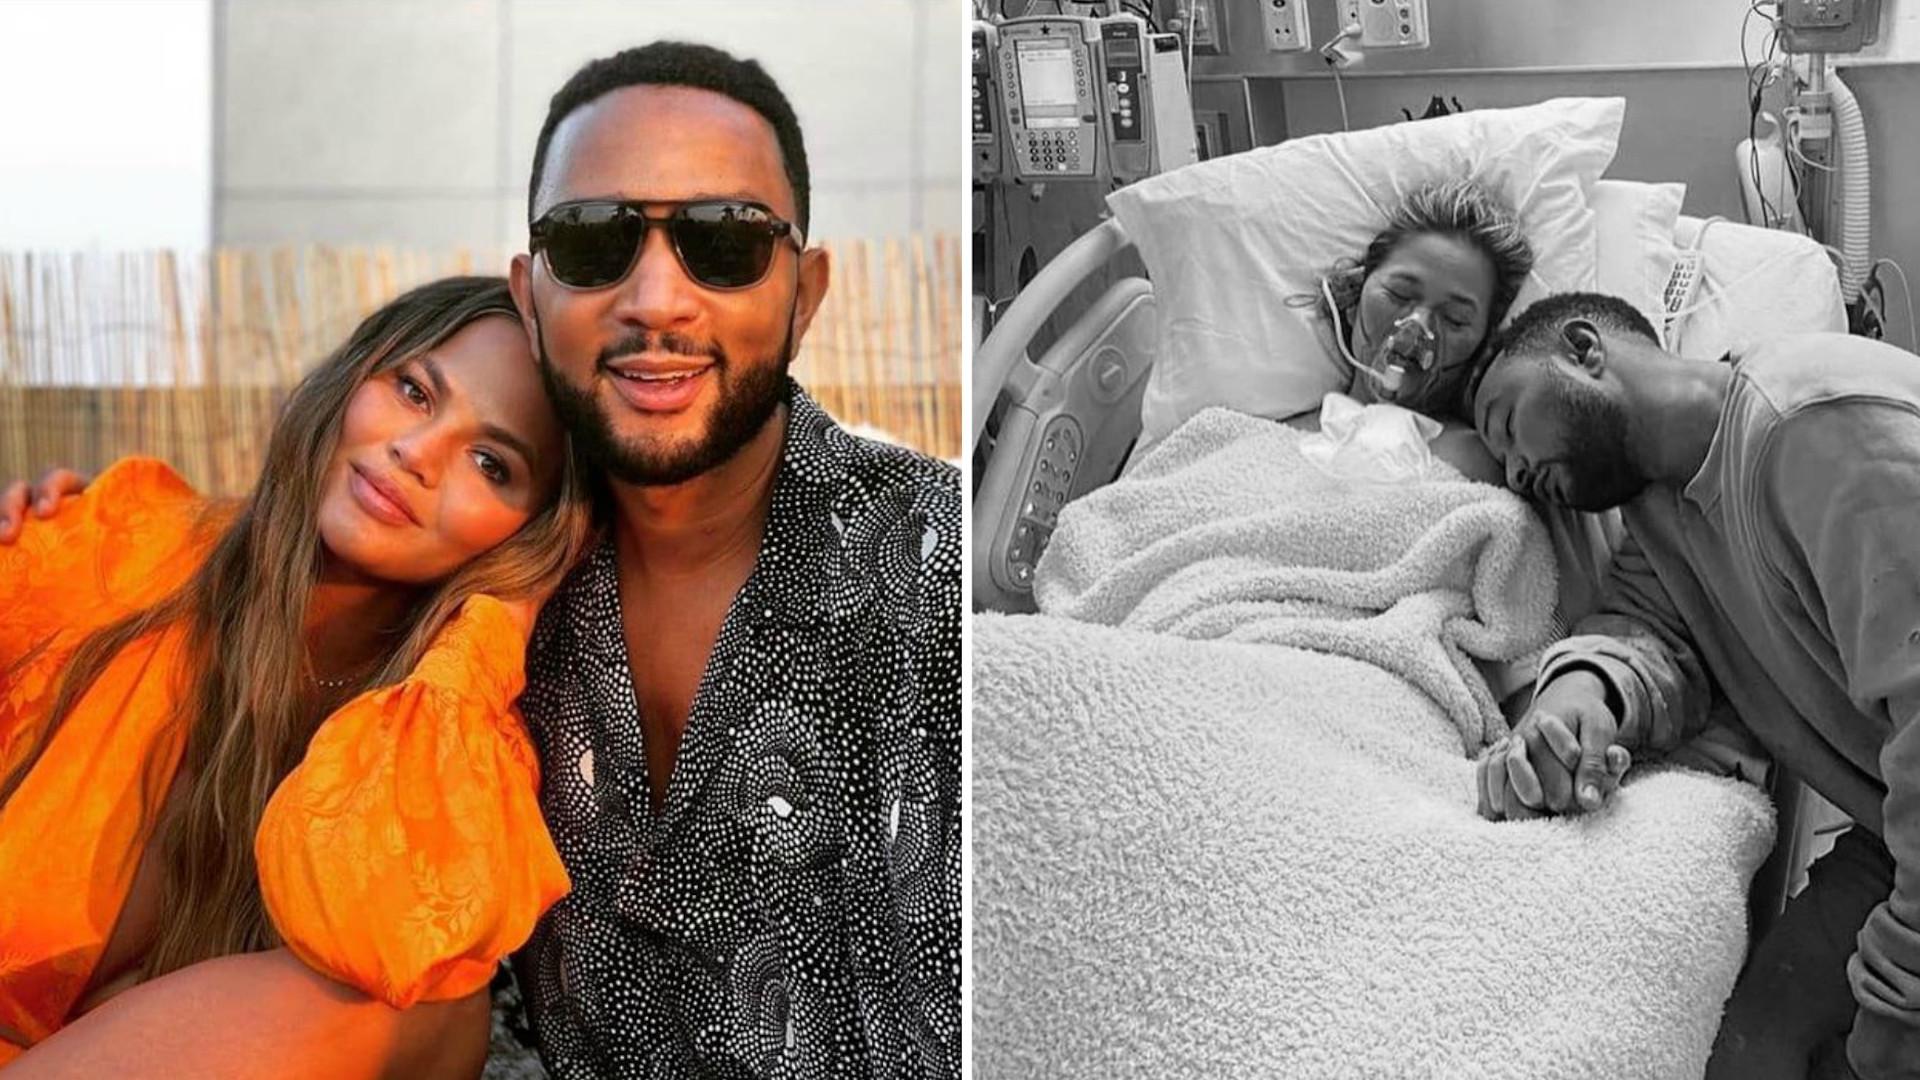 """Chrissy Teigen po poronieniu dodała zdjęcie ze szpitala. Dlaczego? """"Wiedziałam, że muszę zatrzymać tę chwilę"""""""